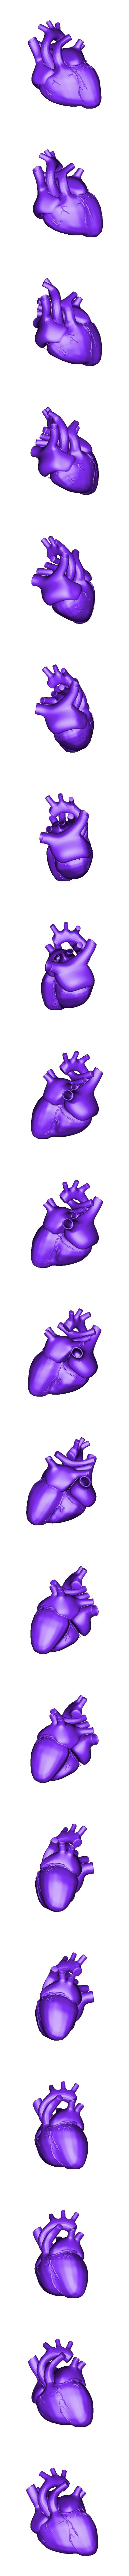 heart_skelly.stl Télécharger fichier STL gratuit Squelette humain • Objet imprimable en 3D, Cornbald